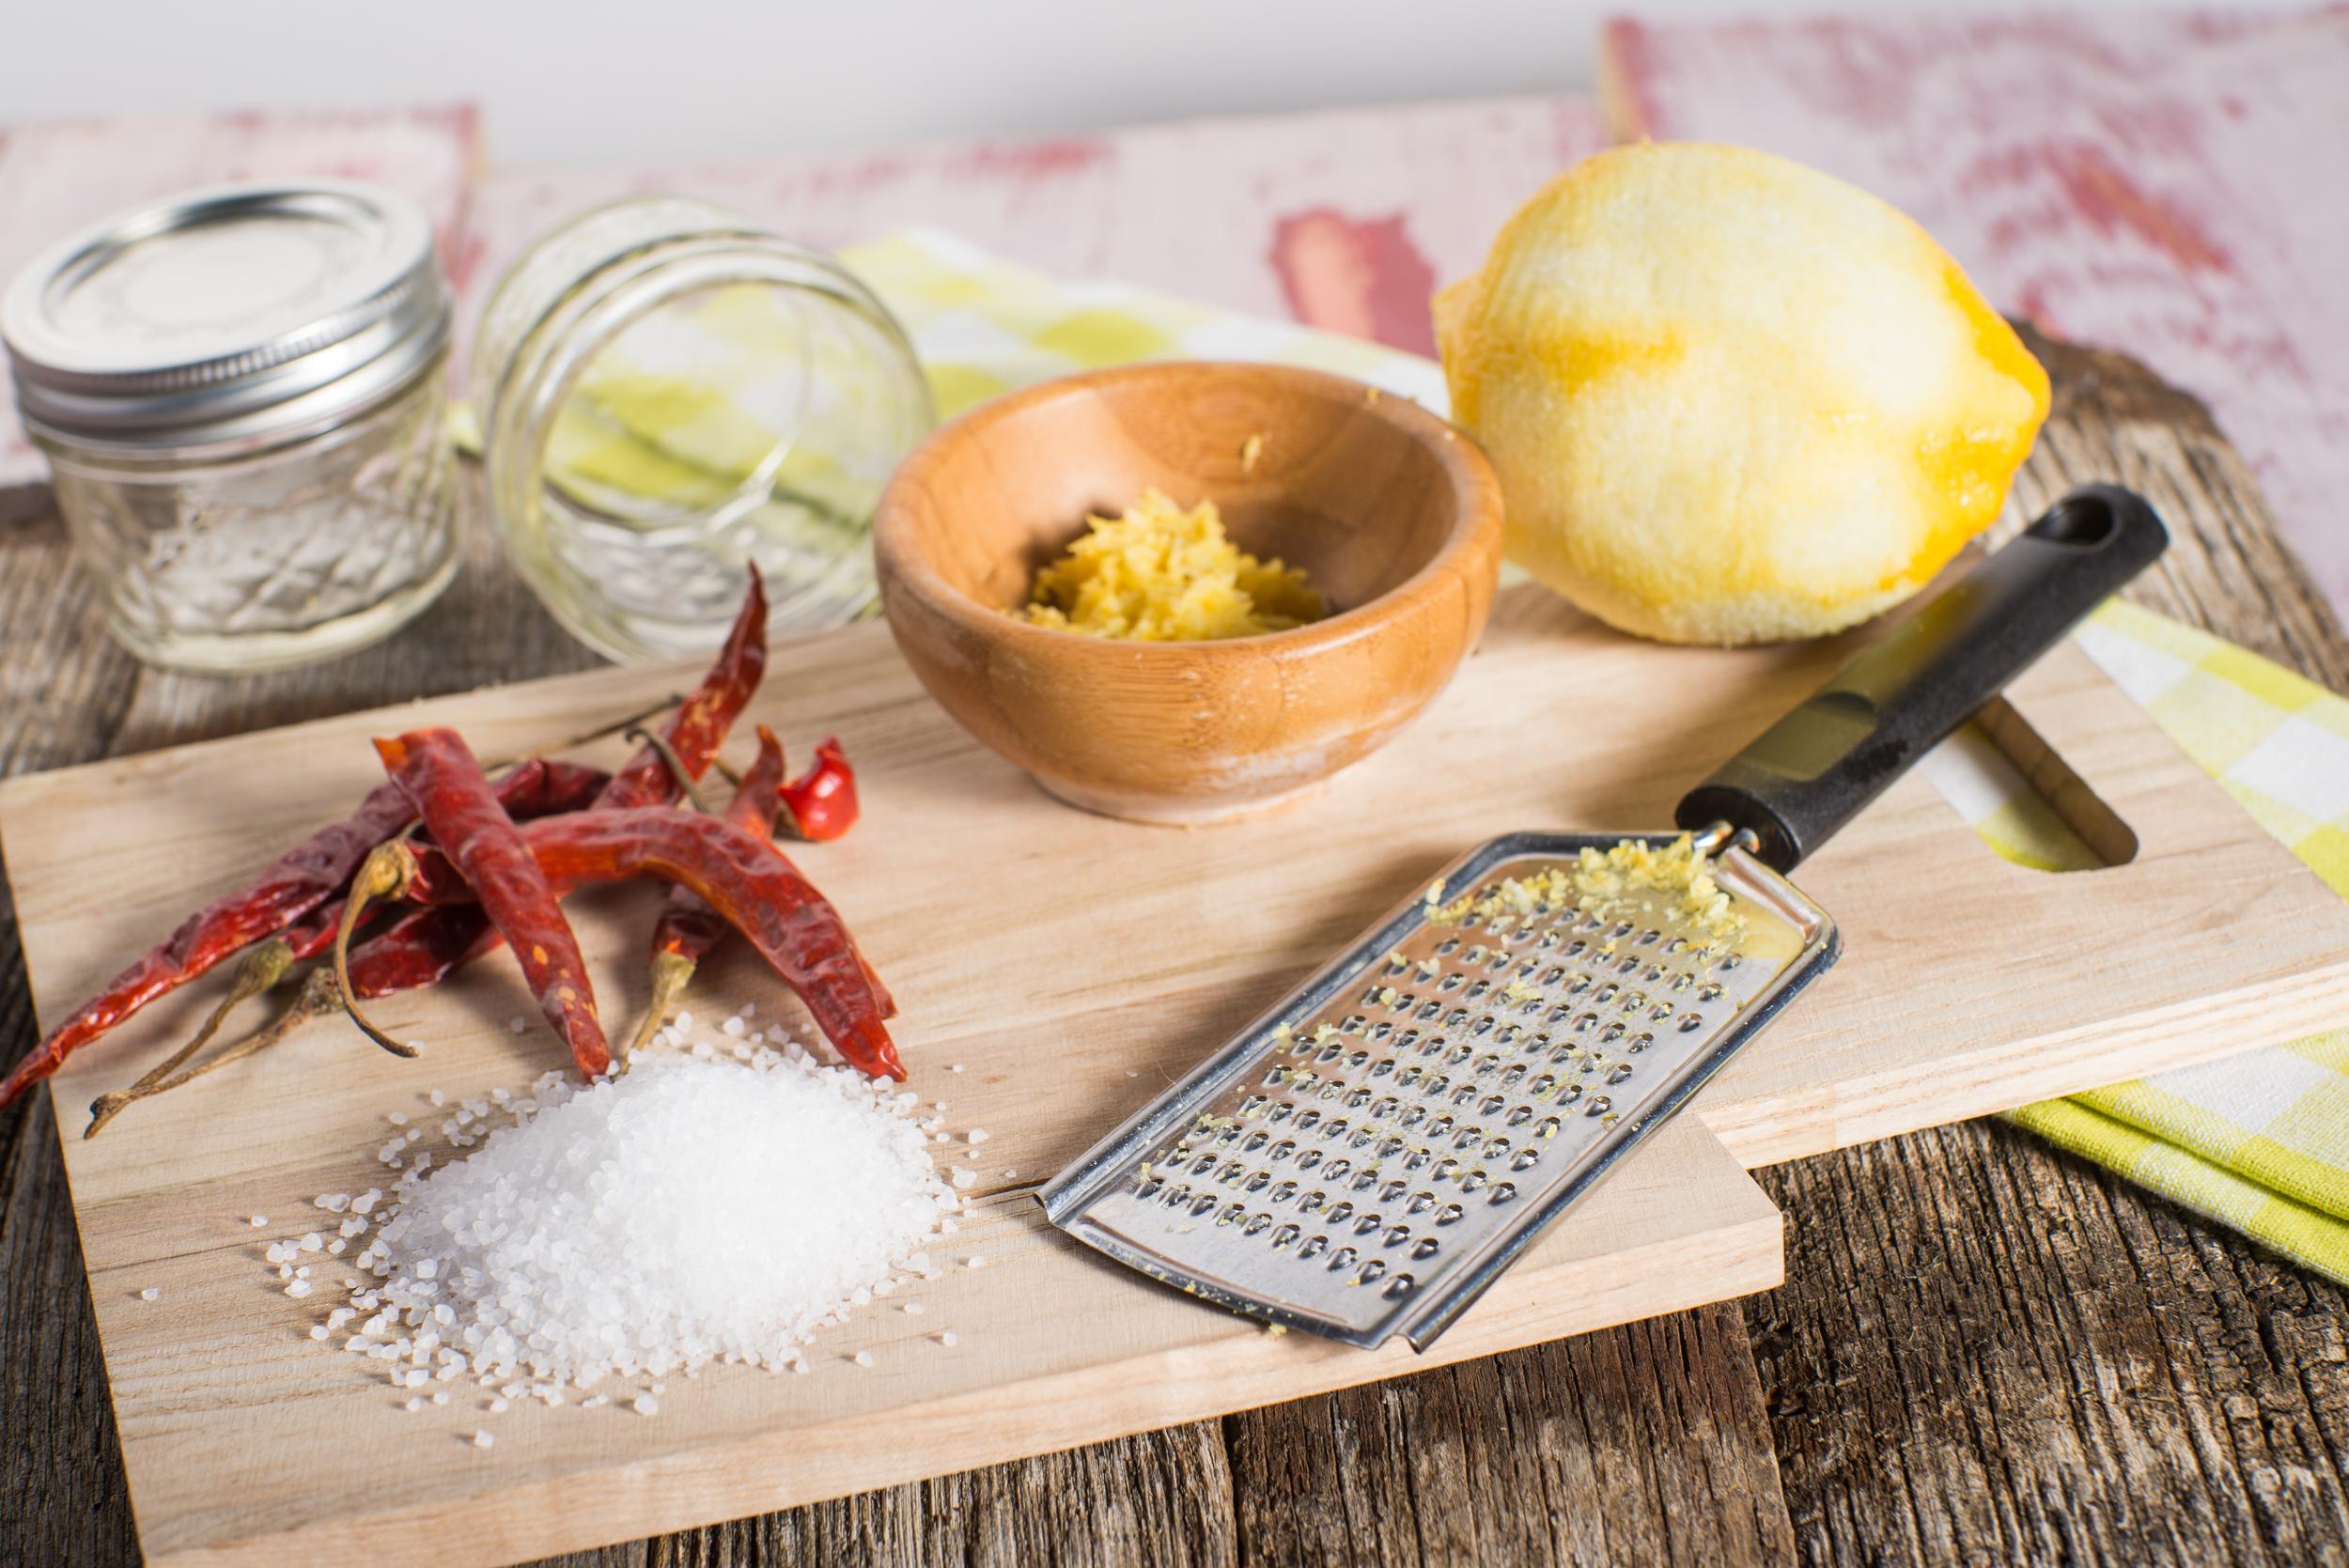 Citrus and chili sea salt